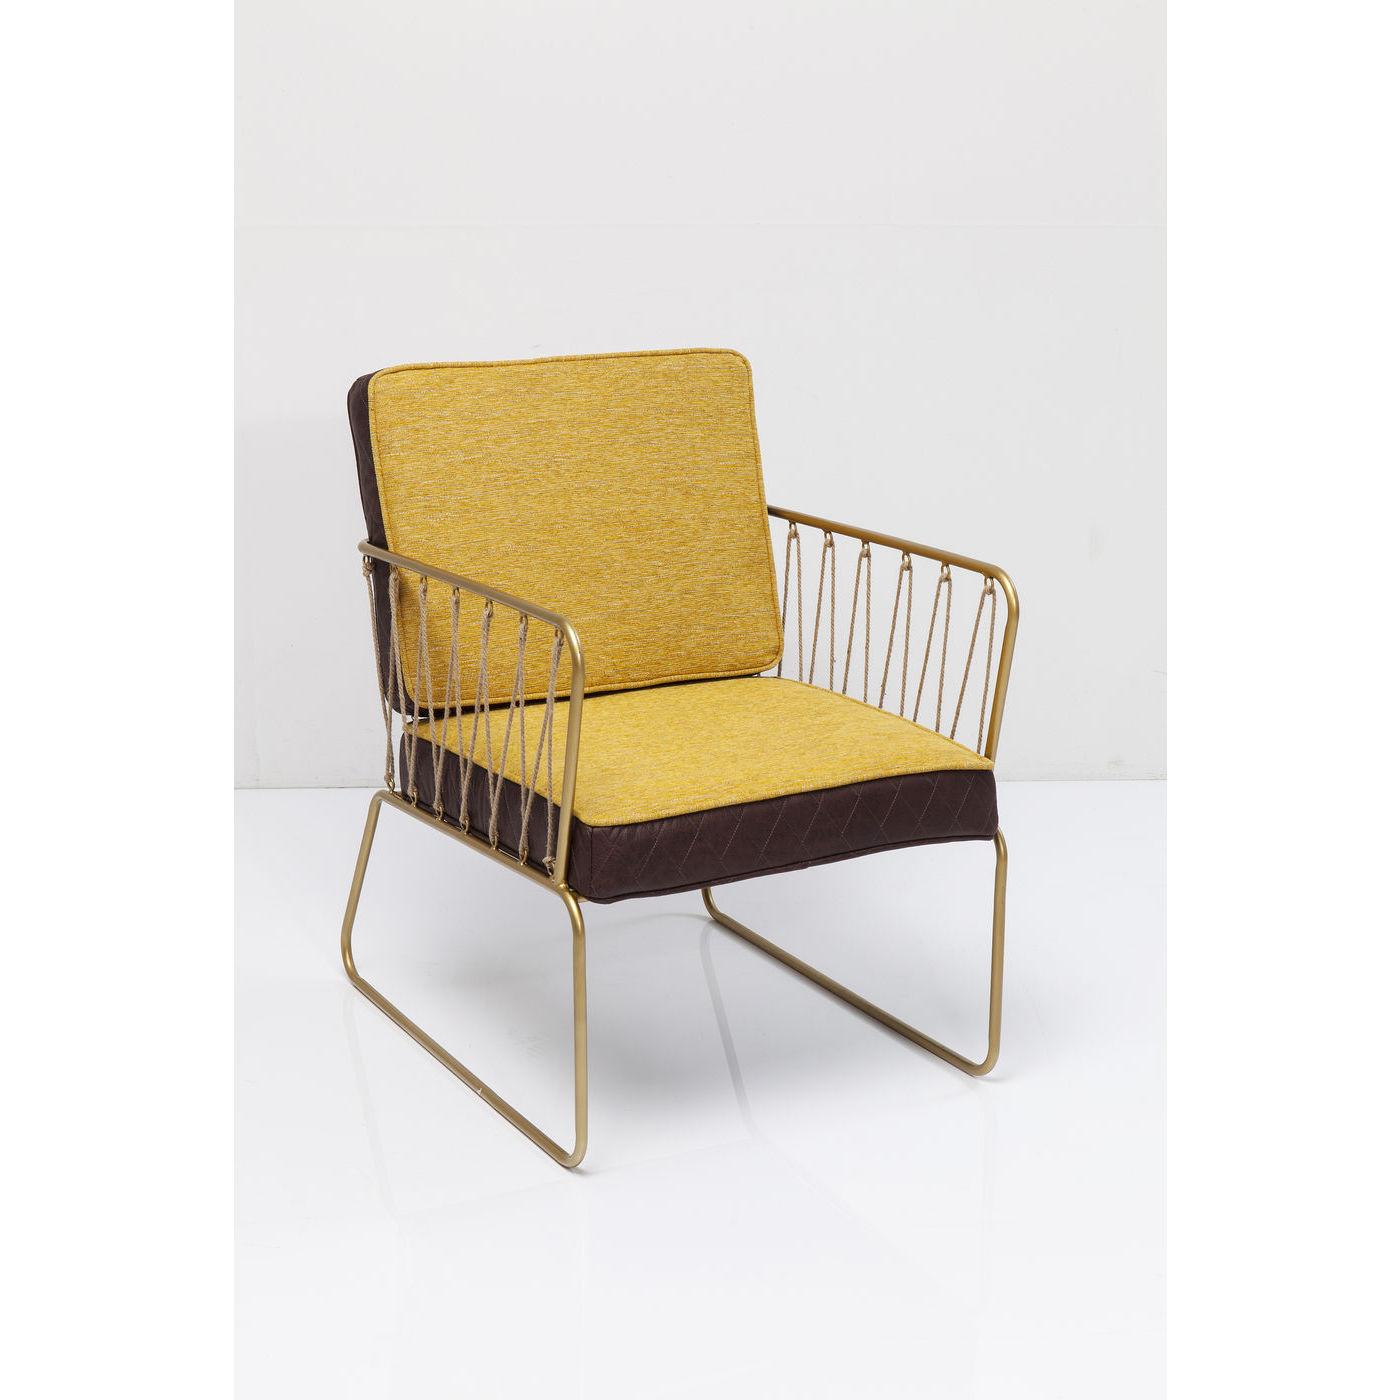 kare design – Kare design string yellow lænestol - gult/brunt stof og guld stål, m. armlæn på boboonline.dk